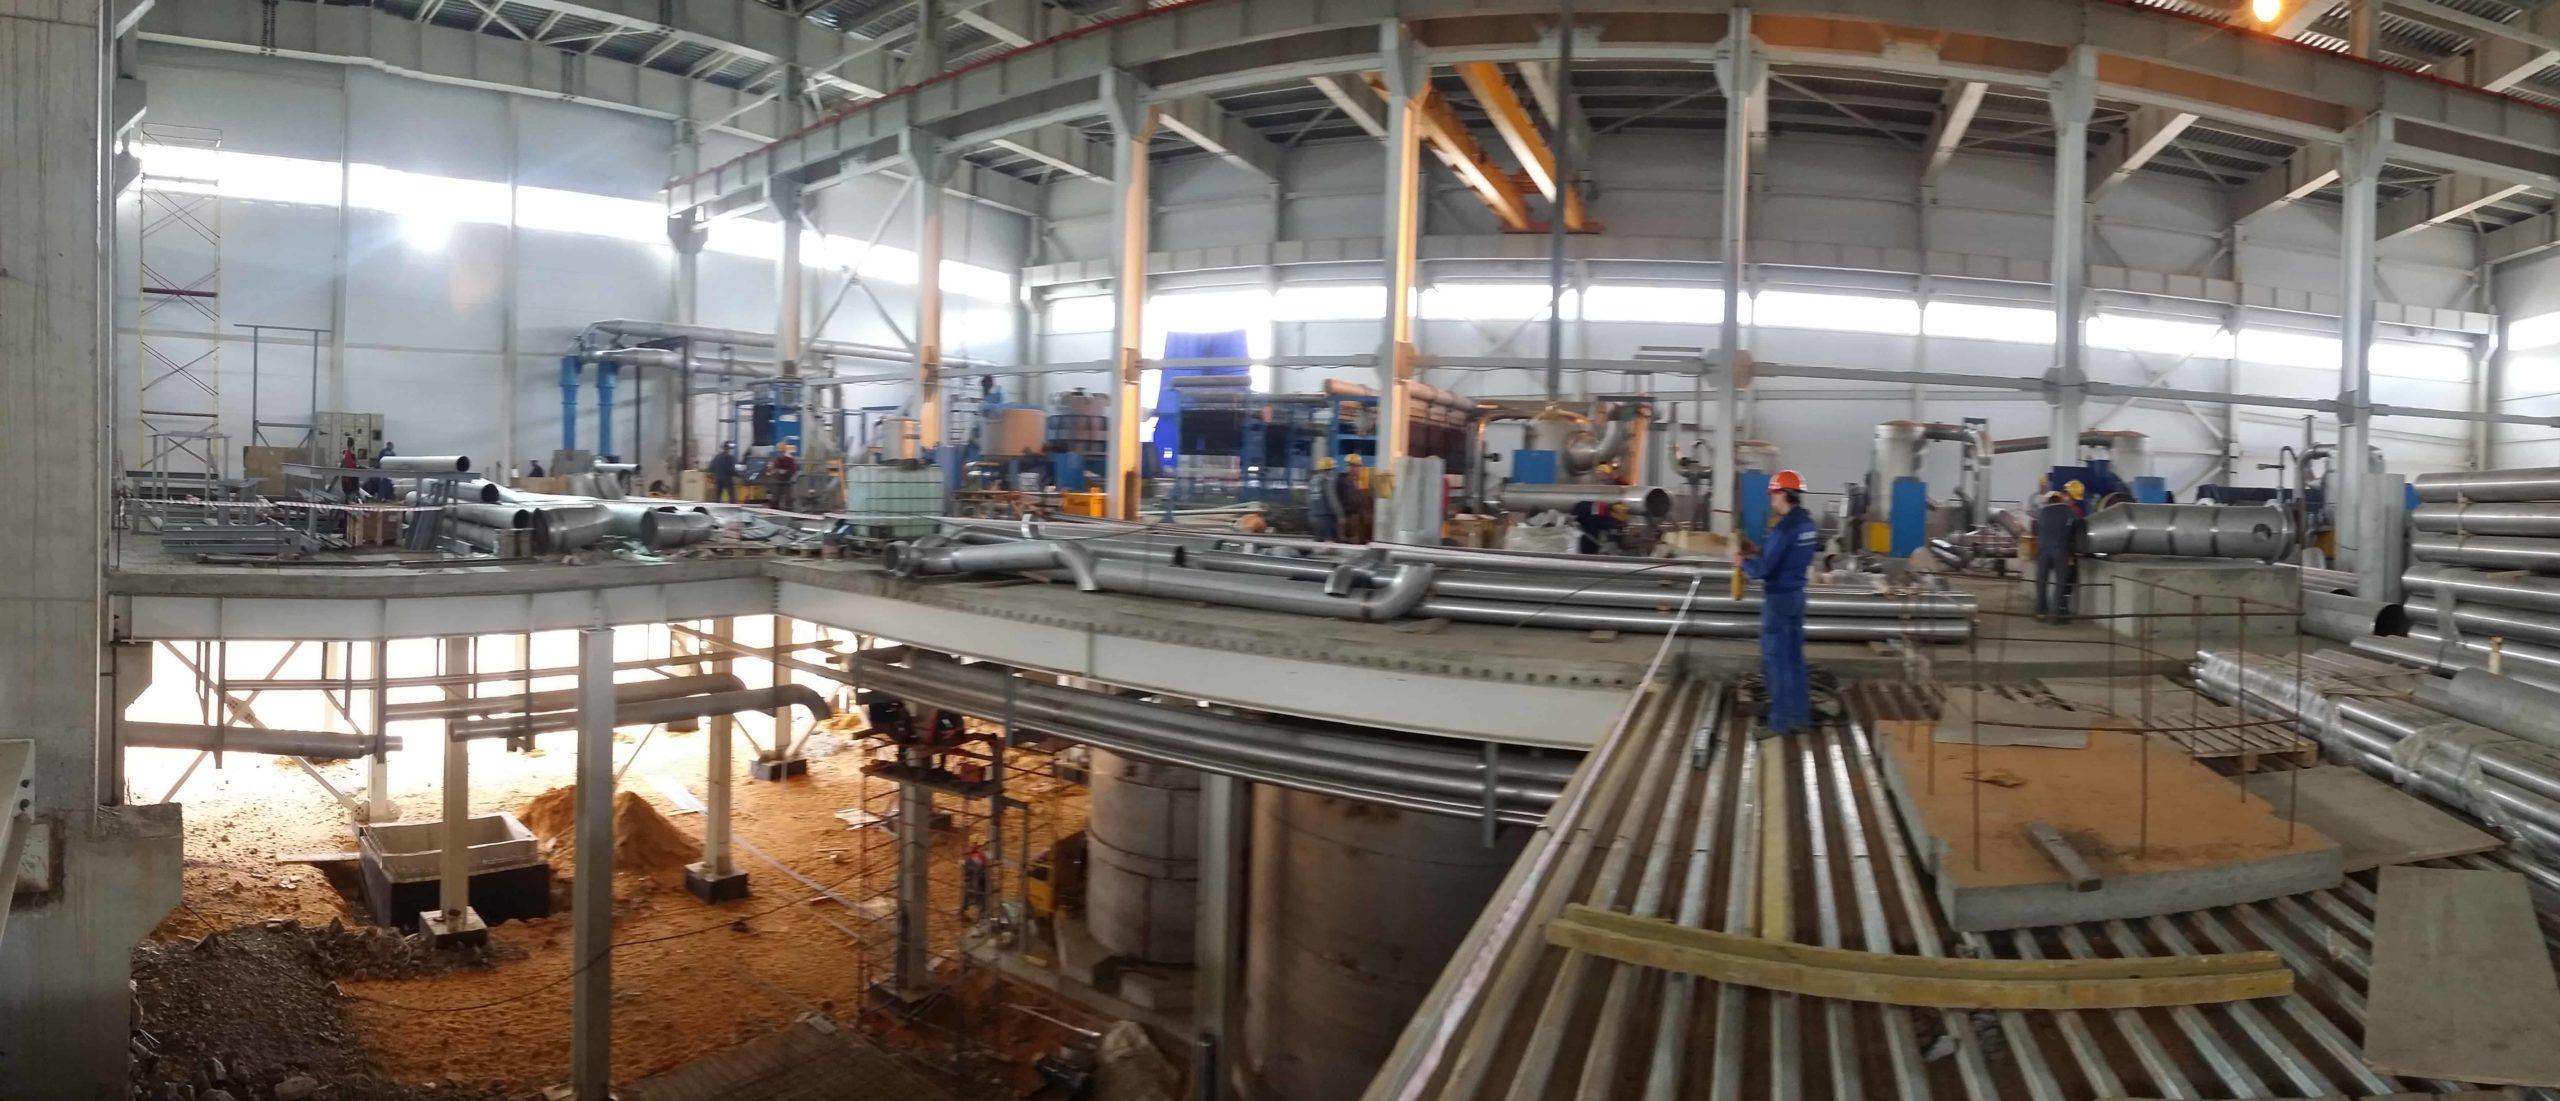 Монтаж технологического оборудования в условиях минимальной строительной готовности